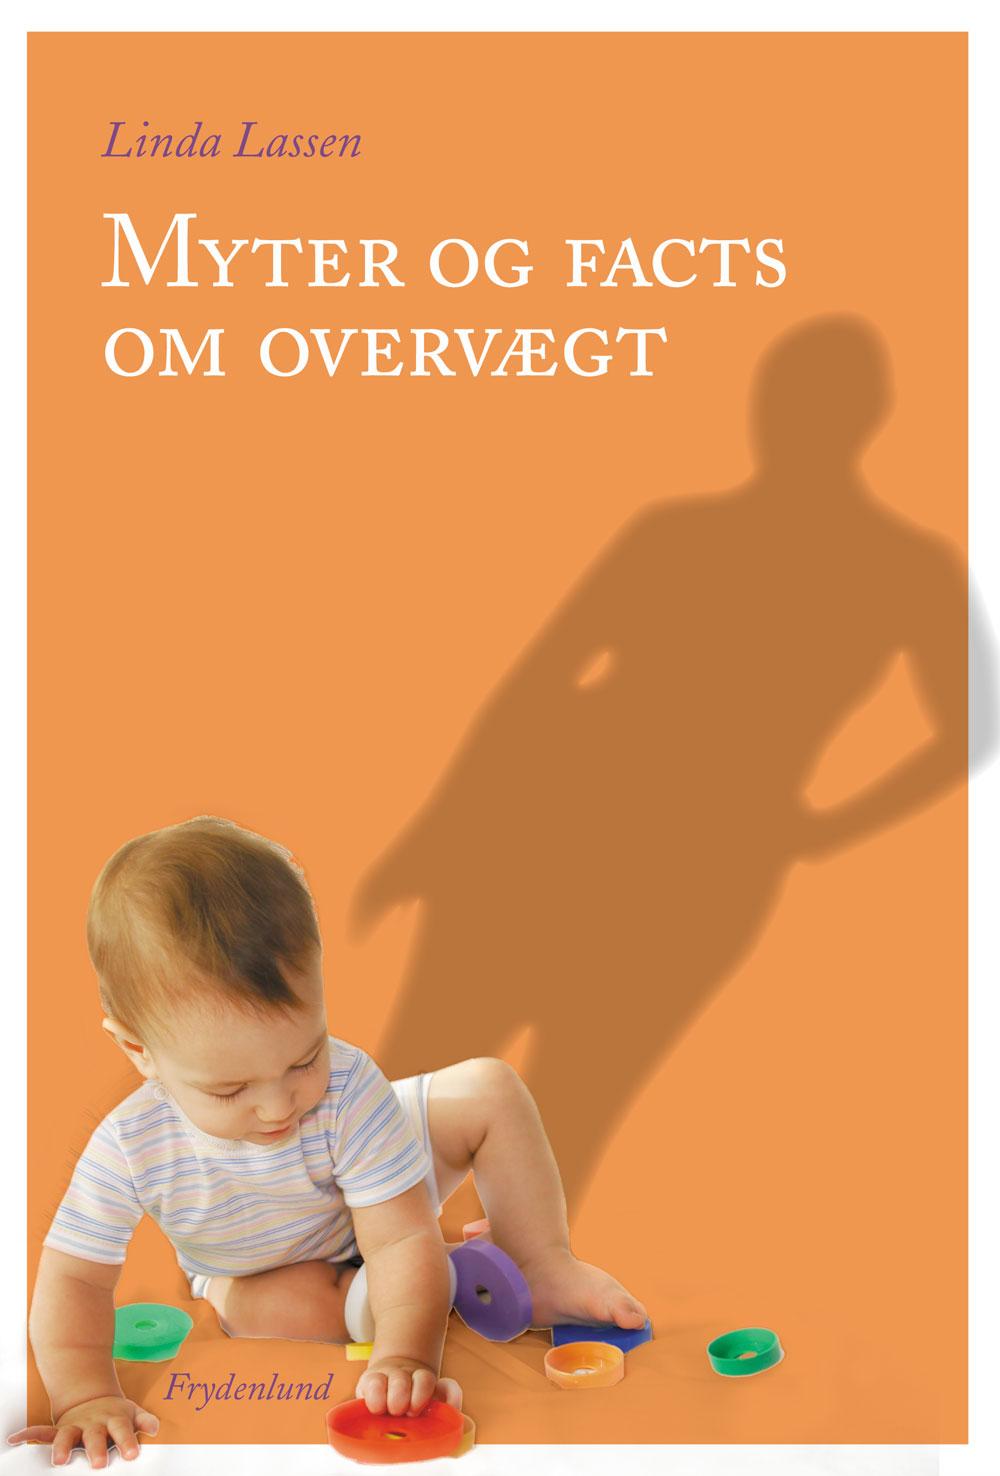 Myter og facts om overvægt - e-bog fra N/A fra bog & mystik